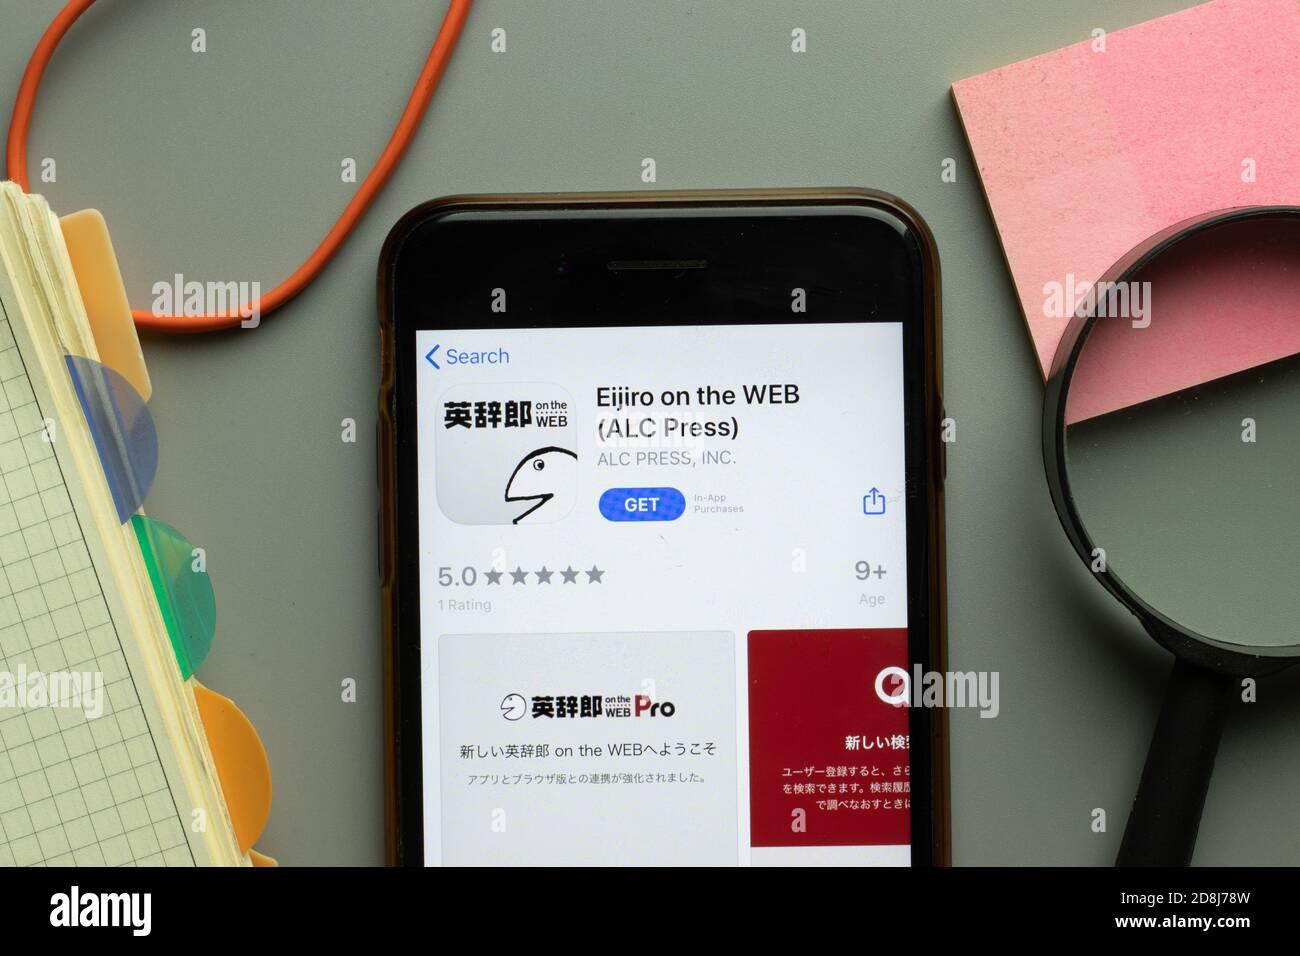 Web the 英 郎 on 辞